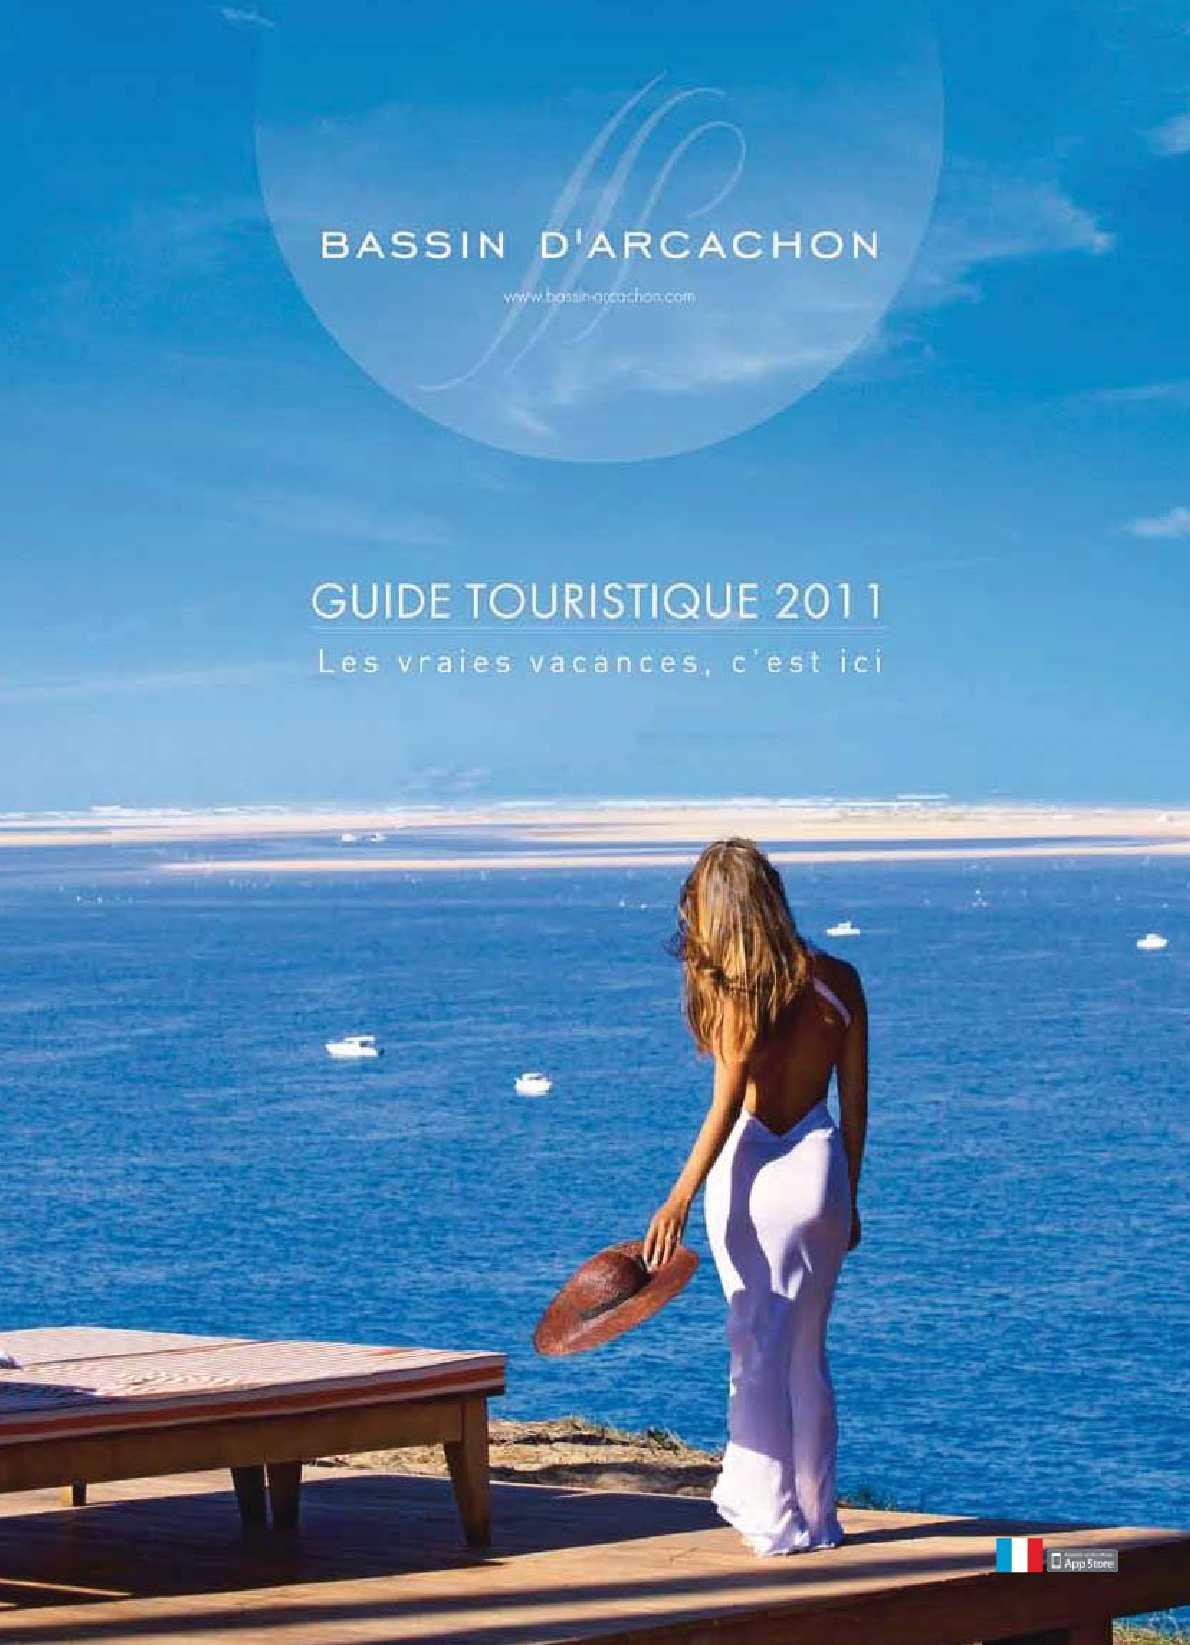 Calam o guide touristique 2011 - 6 route du bassin n 1 port de gennevilliers ...